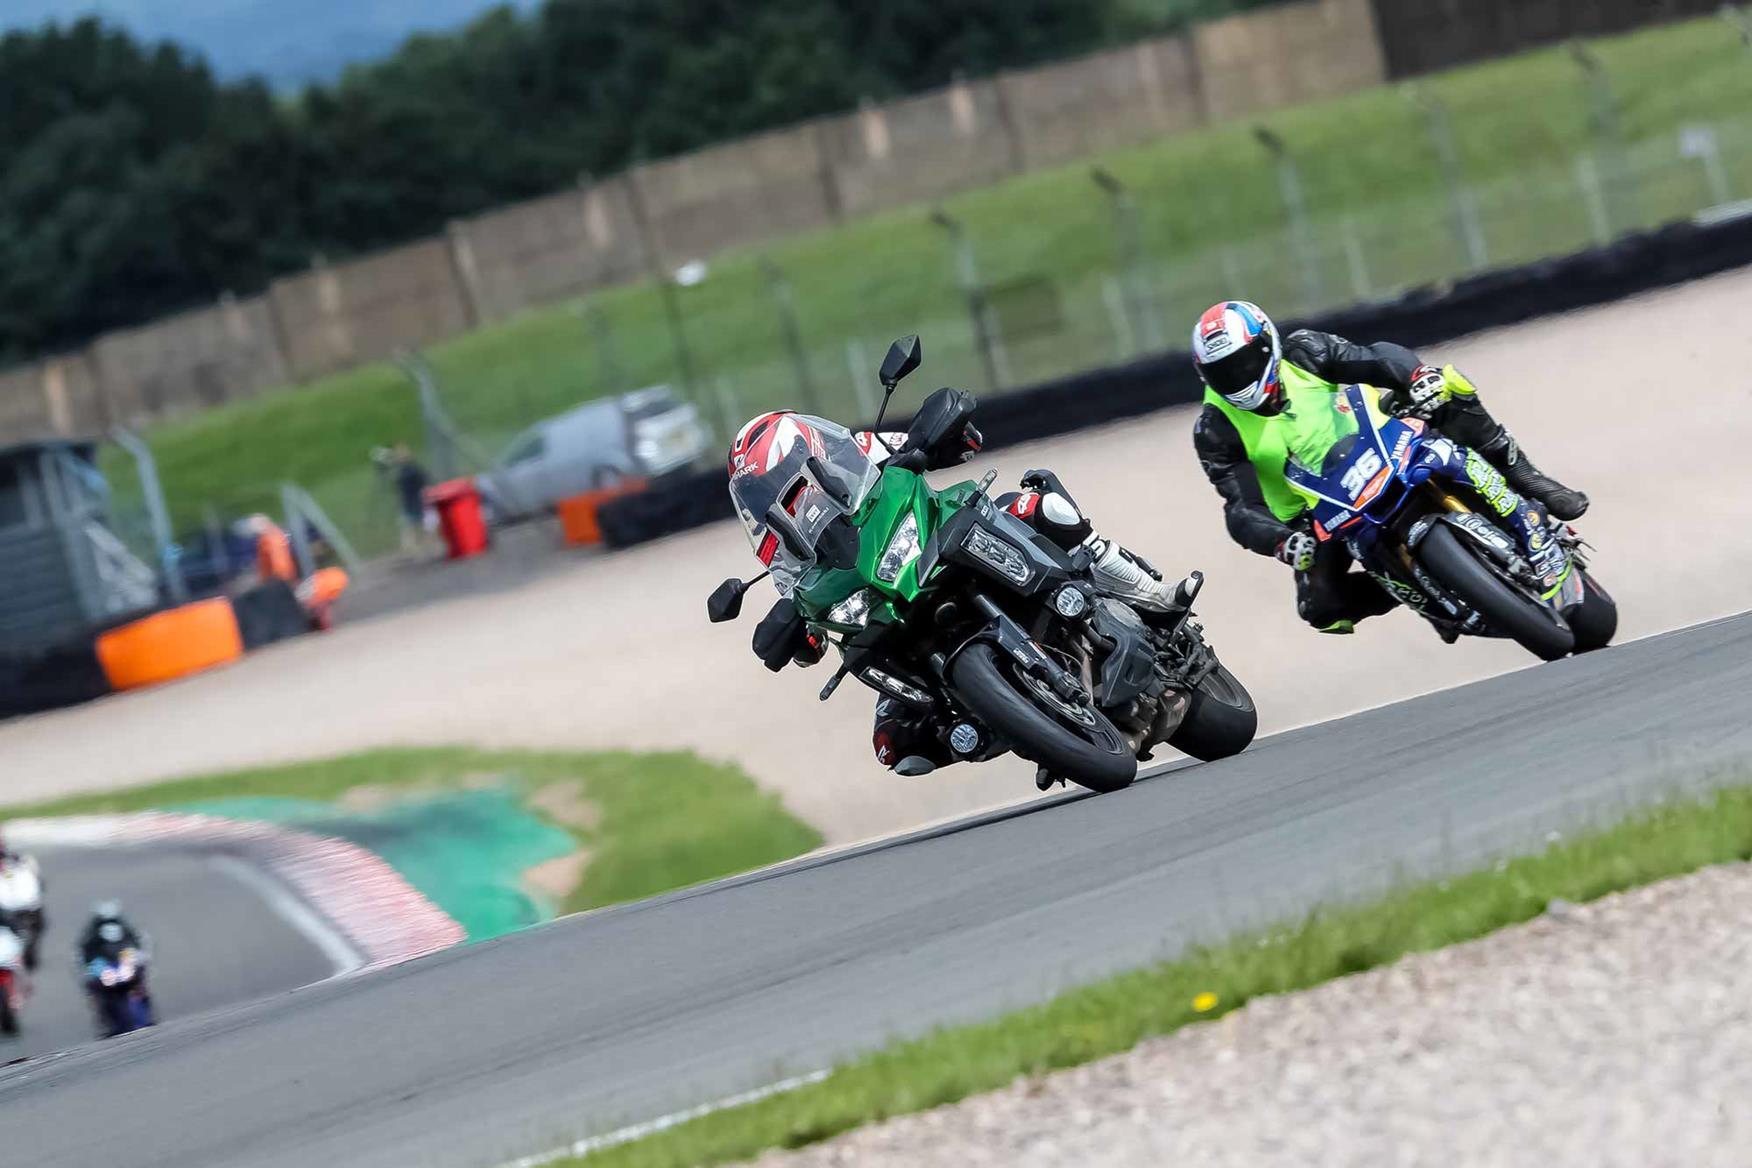 Taking the Kawasaki Versys 1000 SE through Coppice